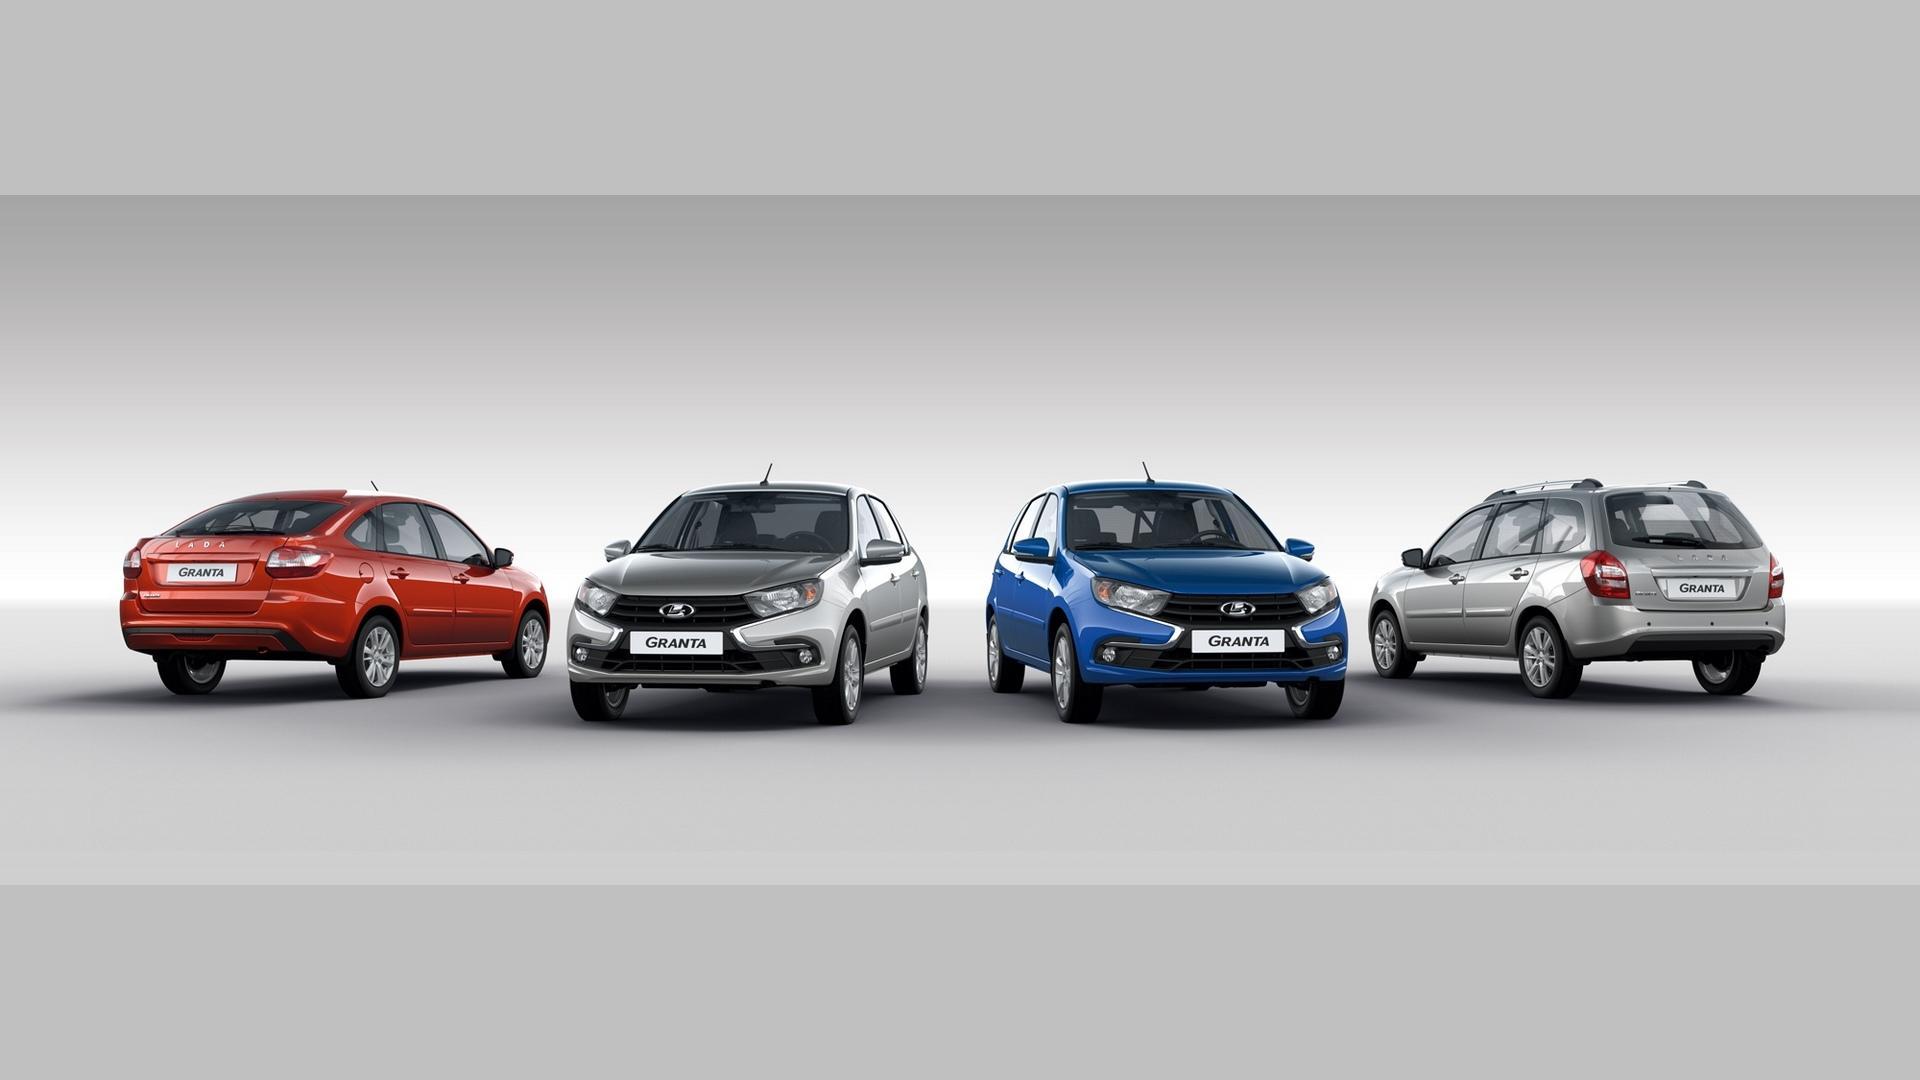 Волжский автомобильный завод объявил все комплектации ицены обновлённой Лада Granta